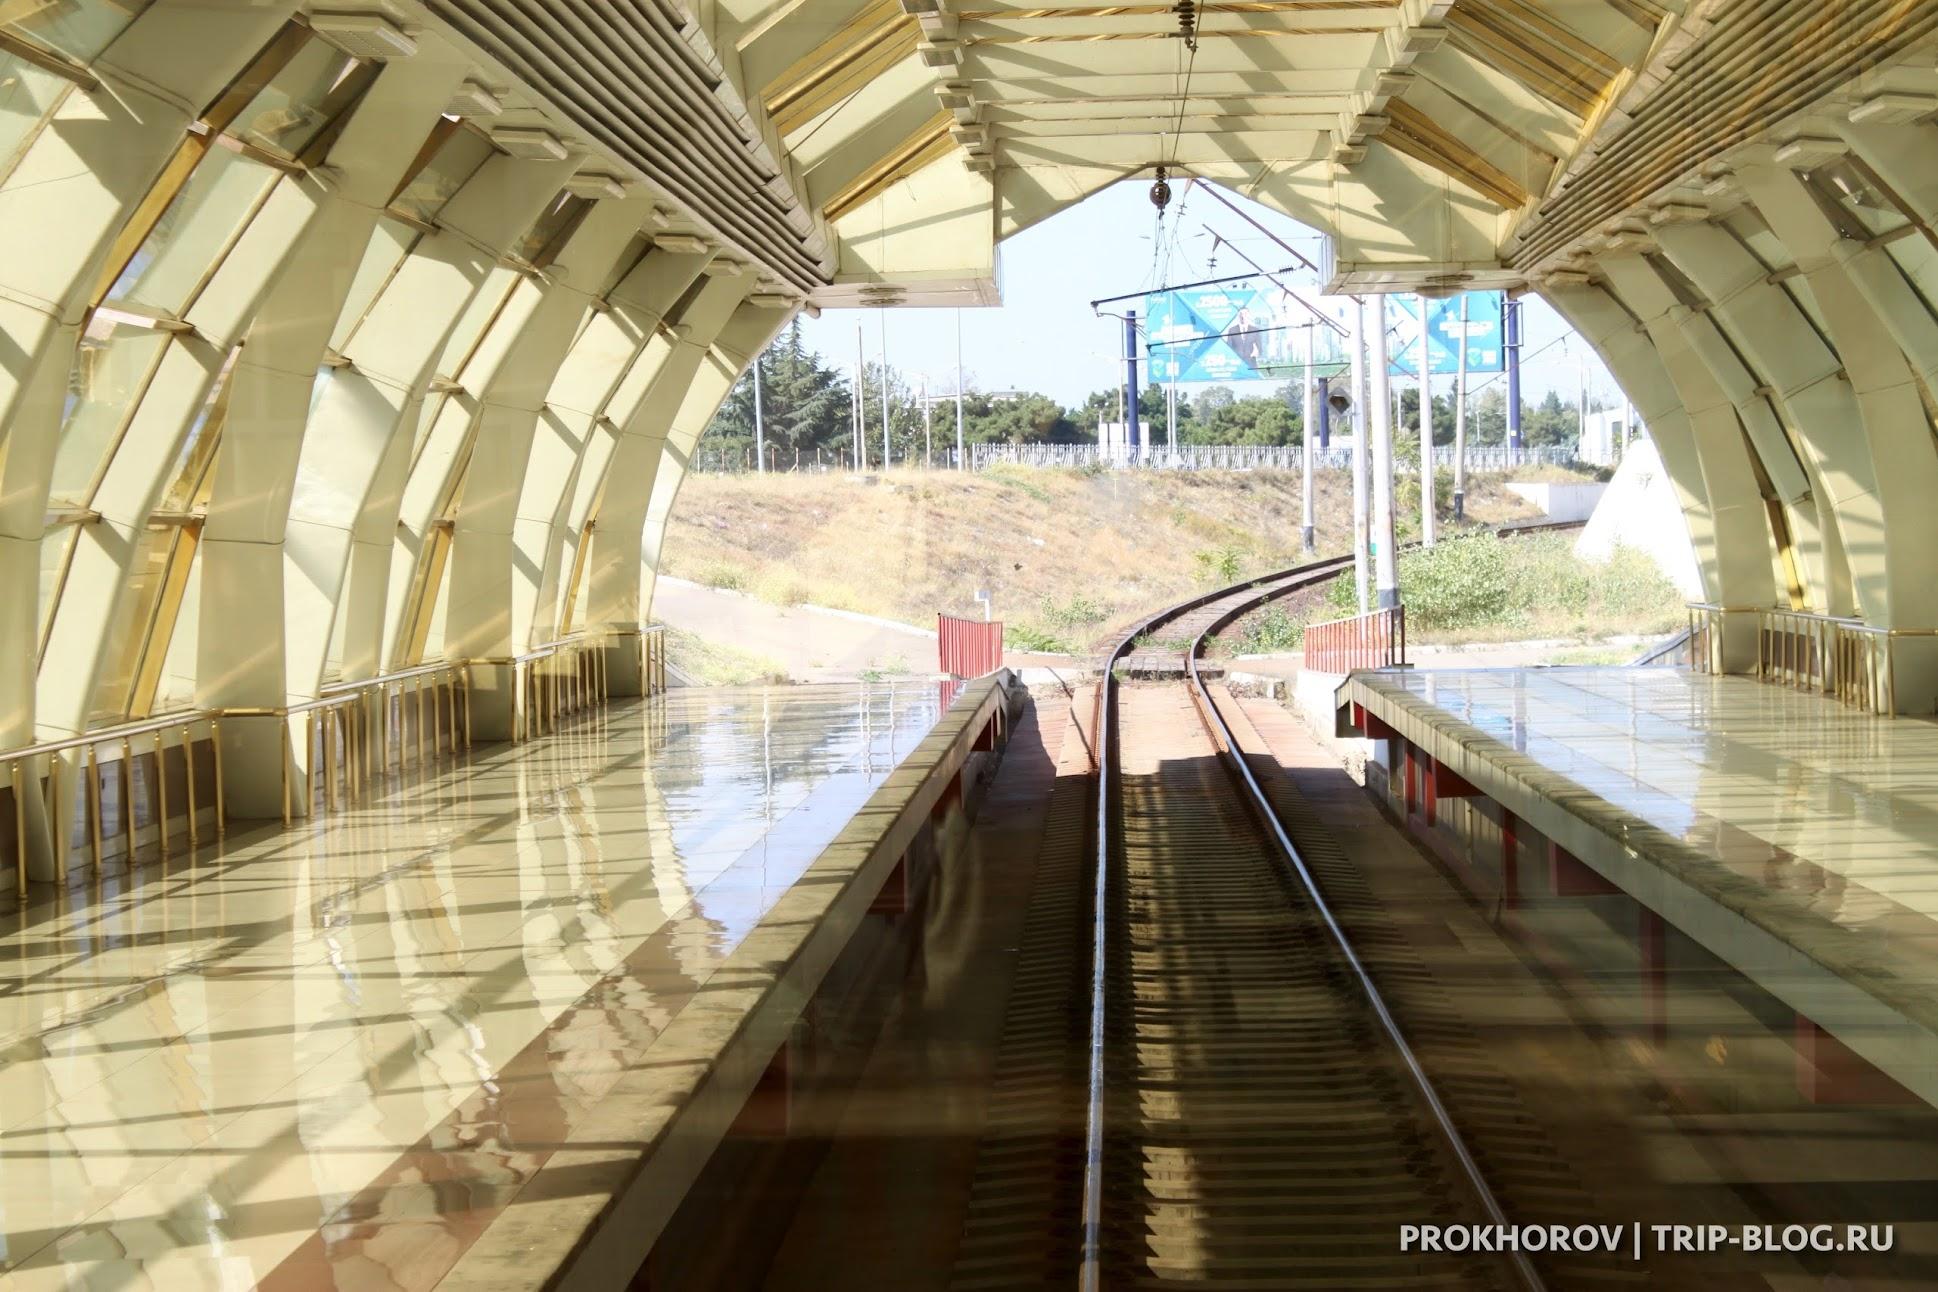 Железная дорога в аэропорту Тбилиси